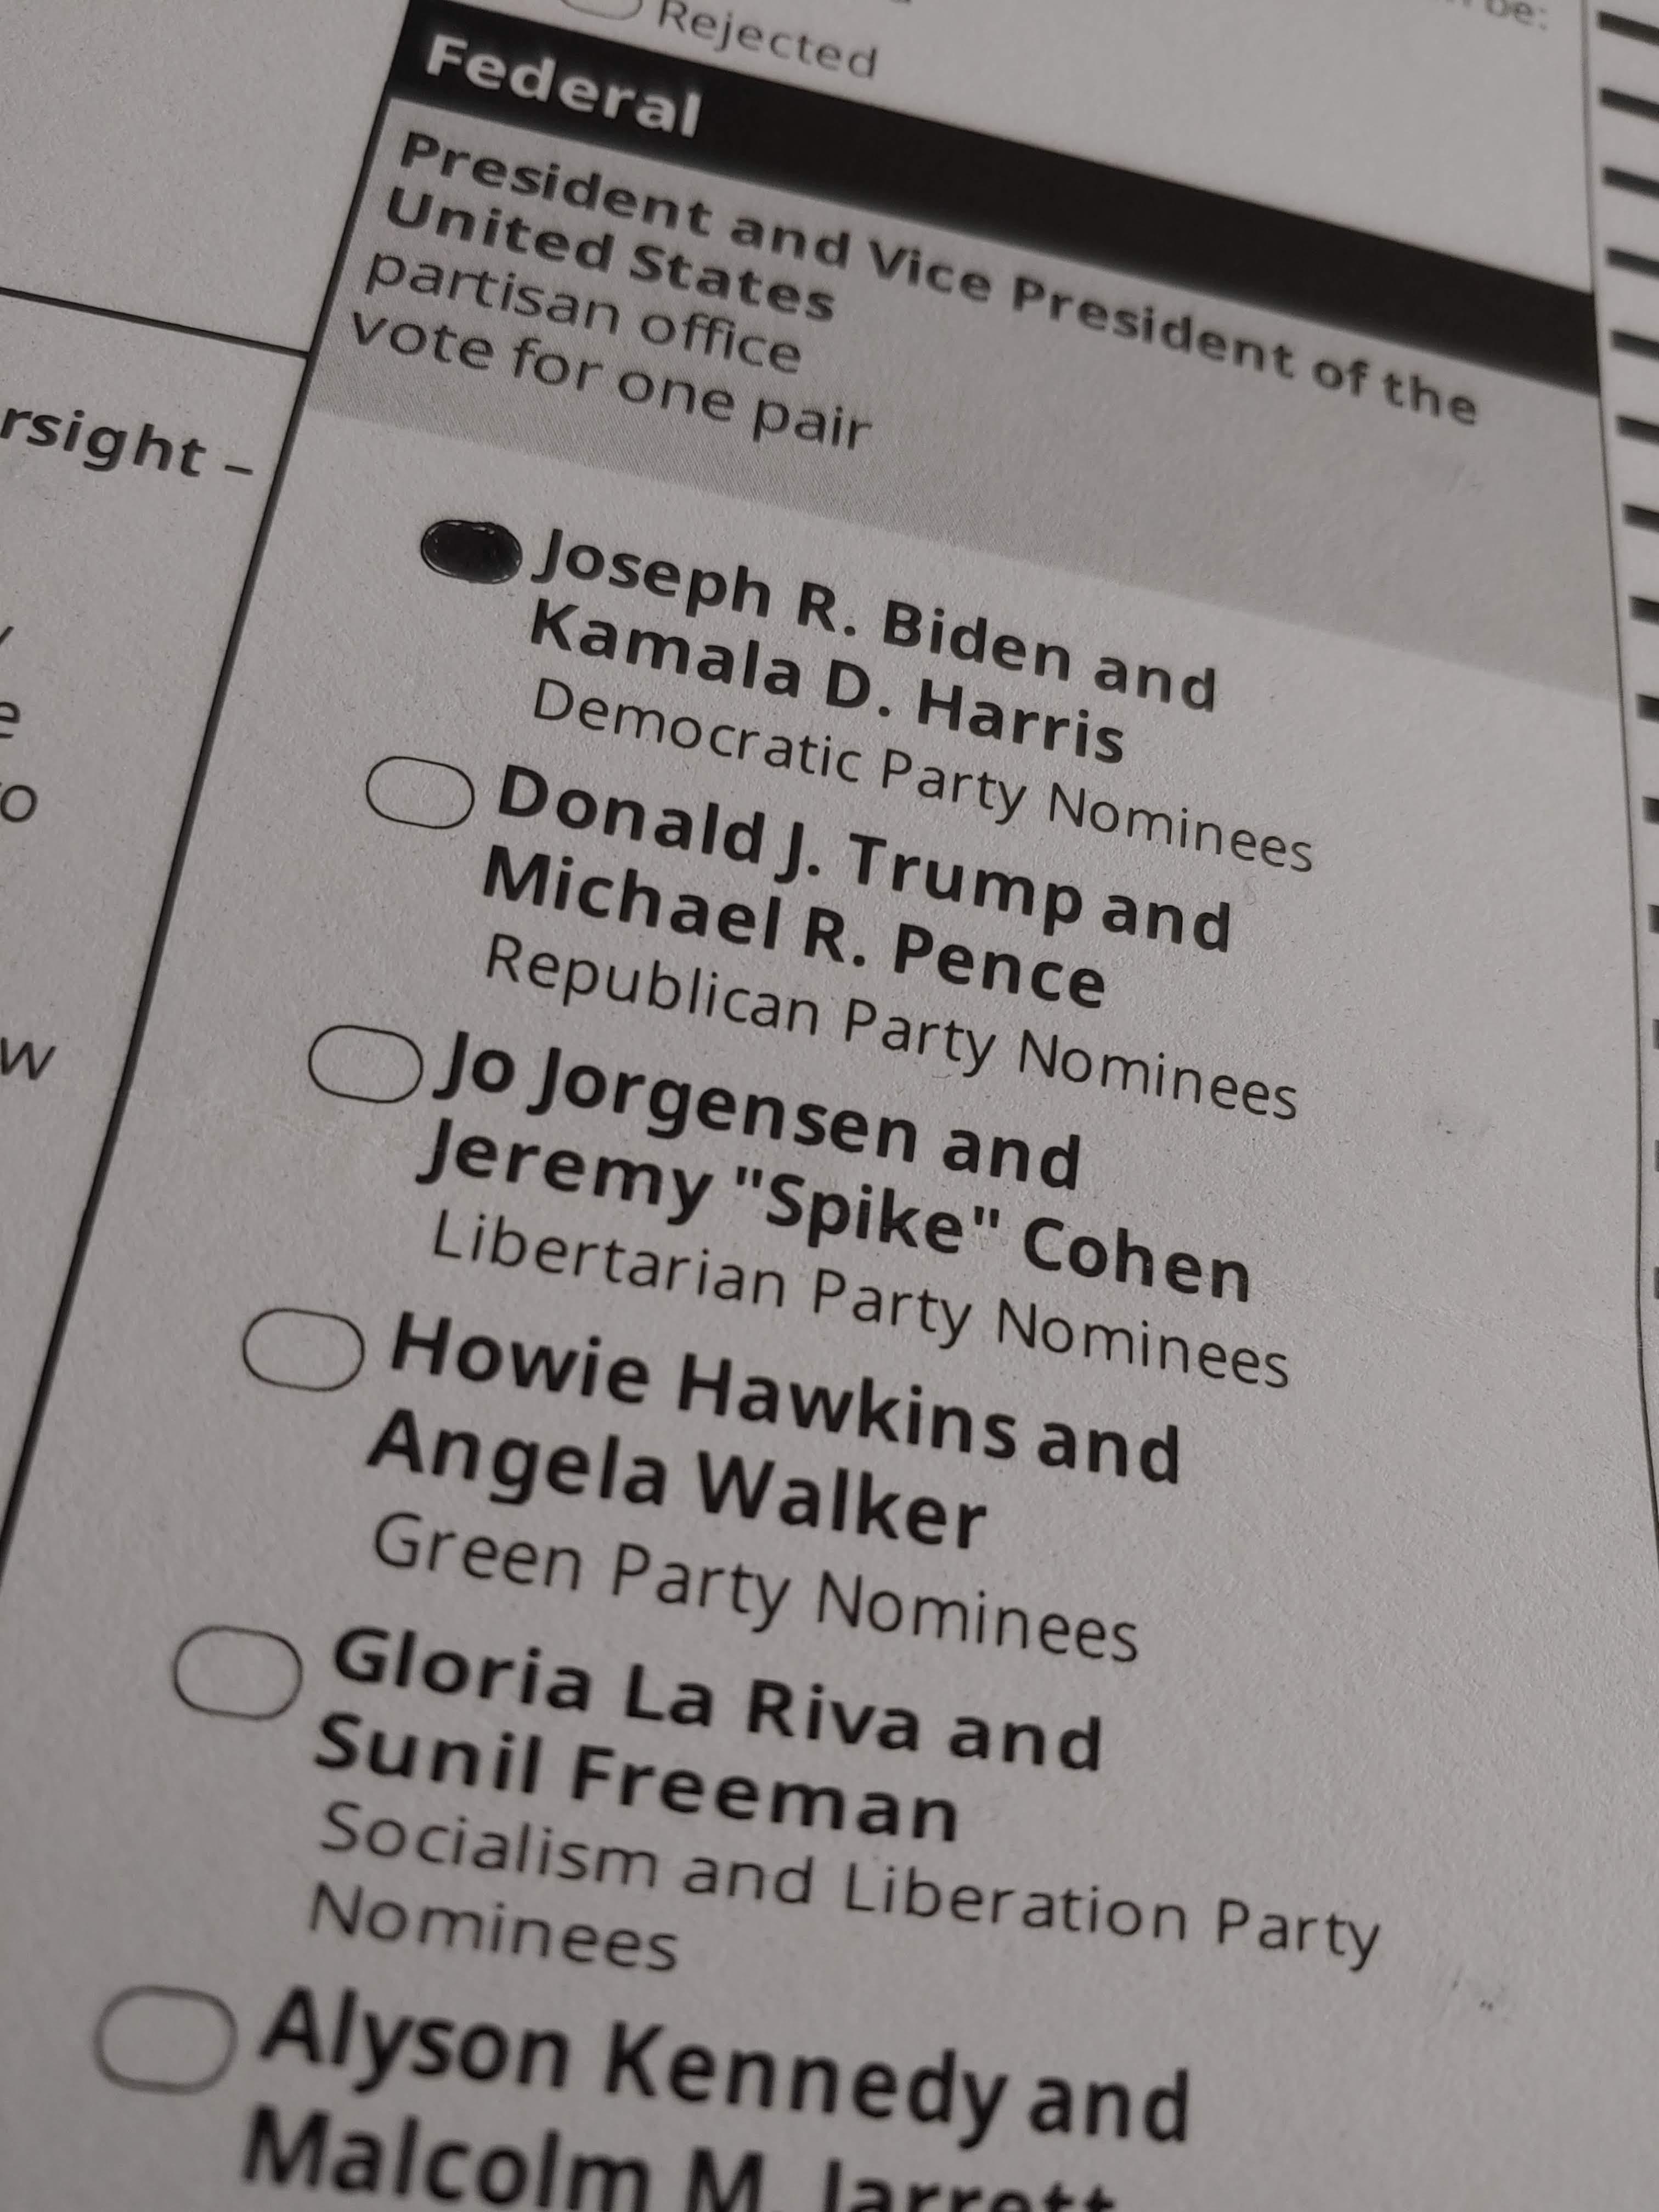 Vote for Biden/Harris